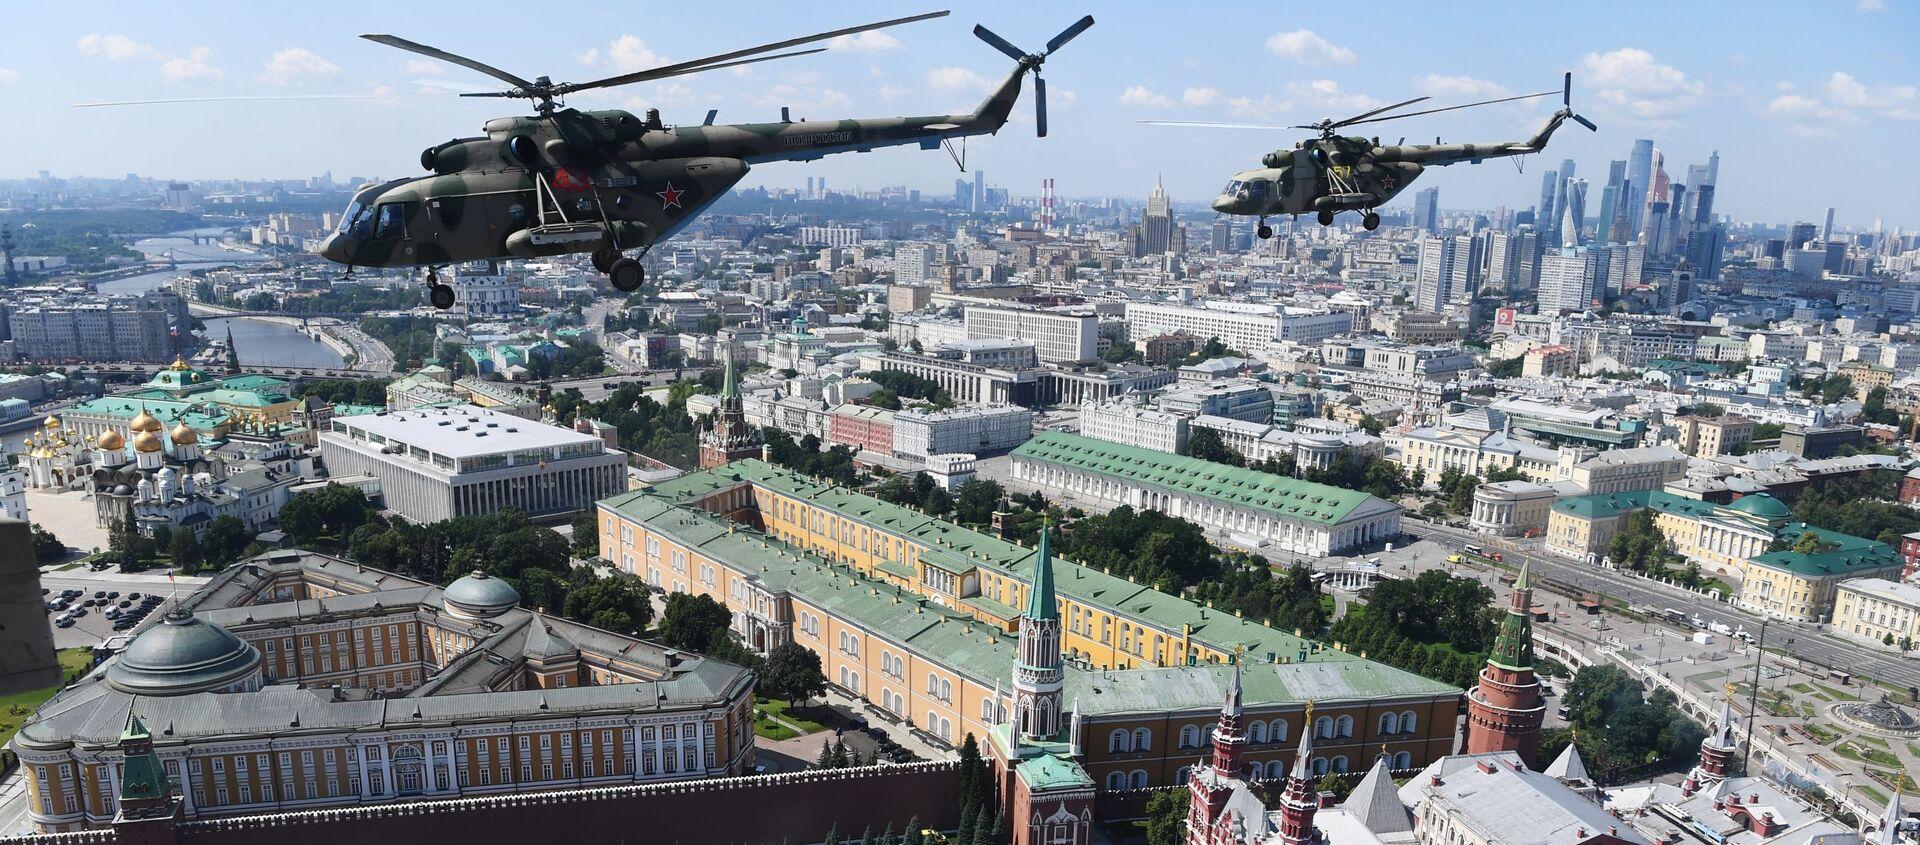 Śmigłowce Mi-8 na Defiladzie Zwycięstwa 2020 w Moskwie - Sputnik Polska, 1920, 22.07.2020